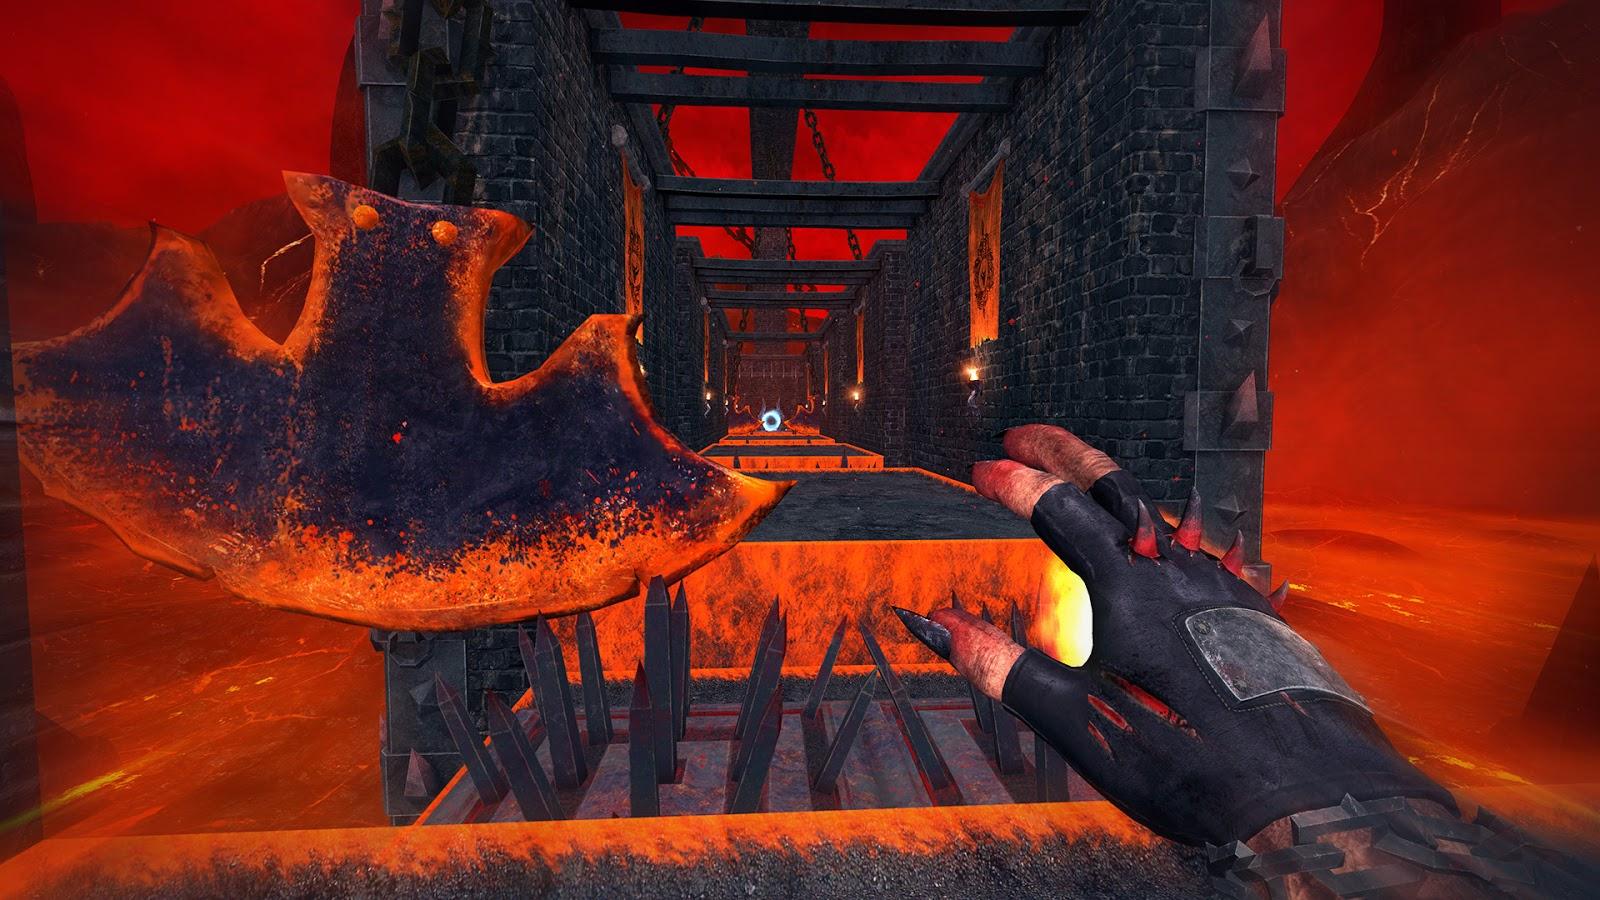 Inferno Em Chamas Simple seum: speedrunners from hell - sim! esse é no inferno!